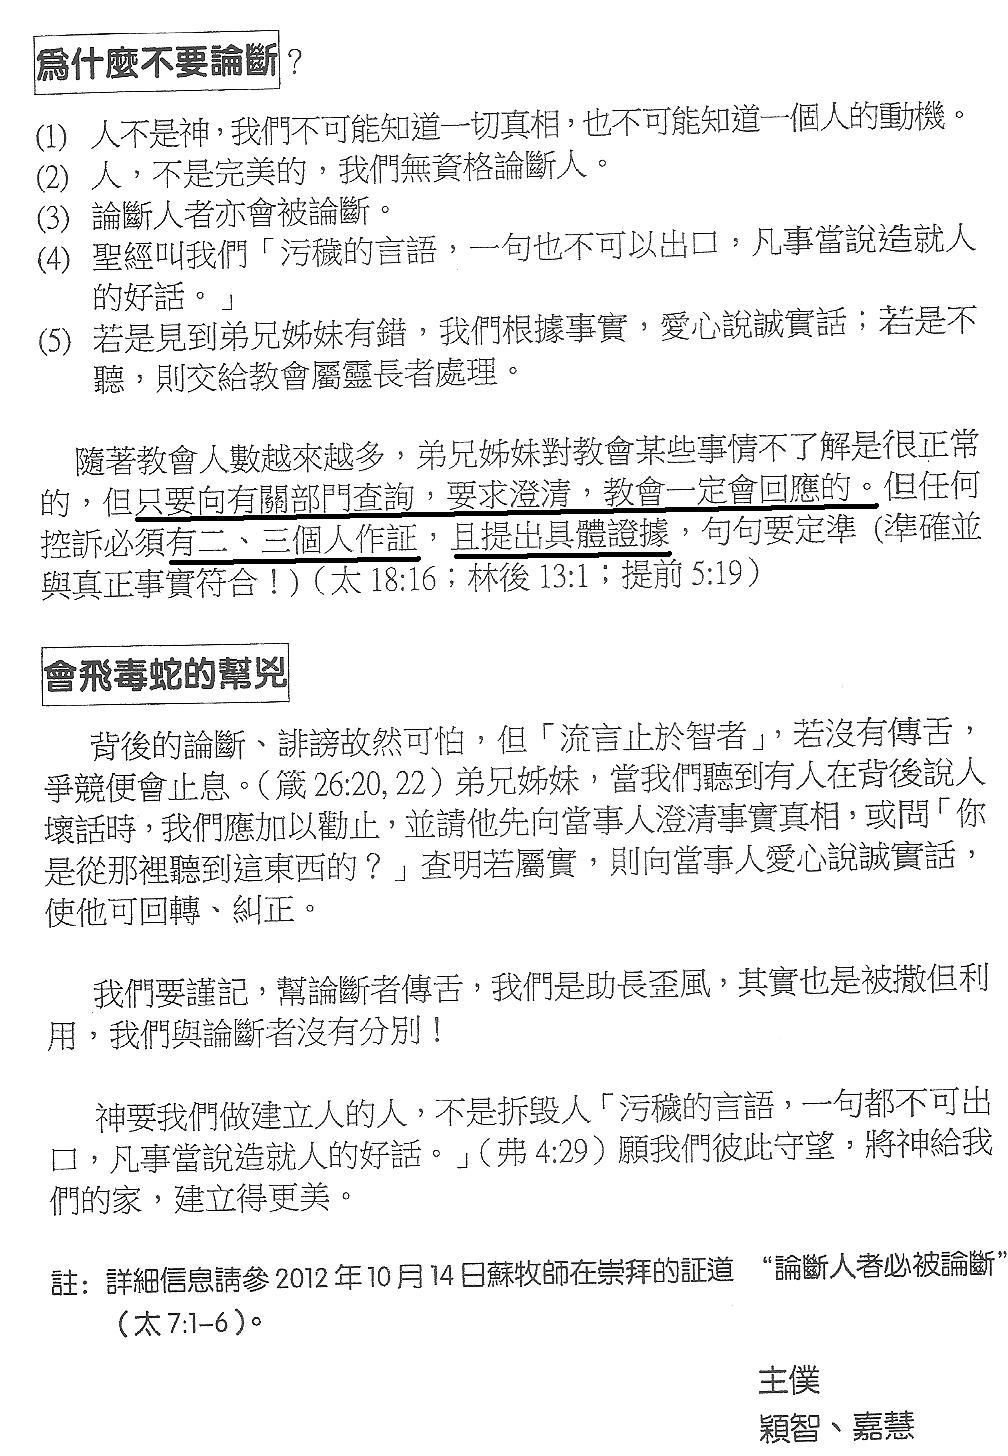 行公義好憐憫揭盡教會醜聞: 2013年5月11日 – 蘇穎智牧師《慎防會飛的毒蛇》